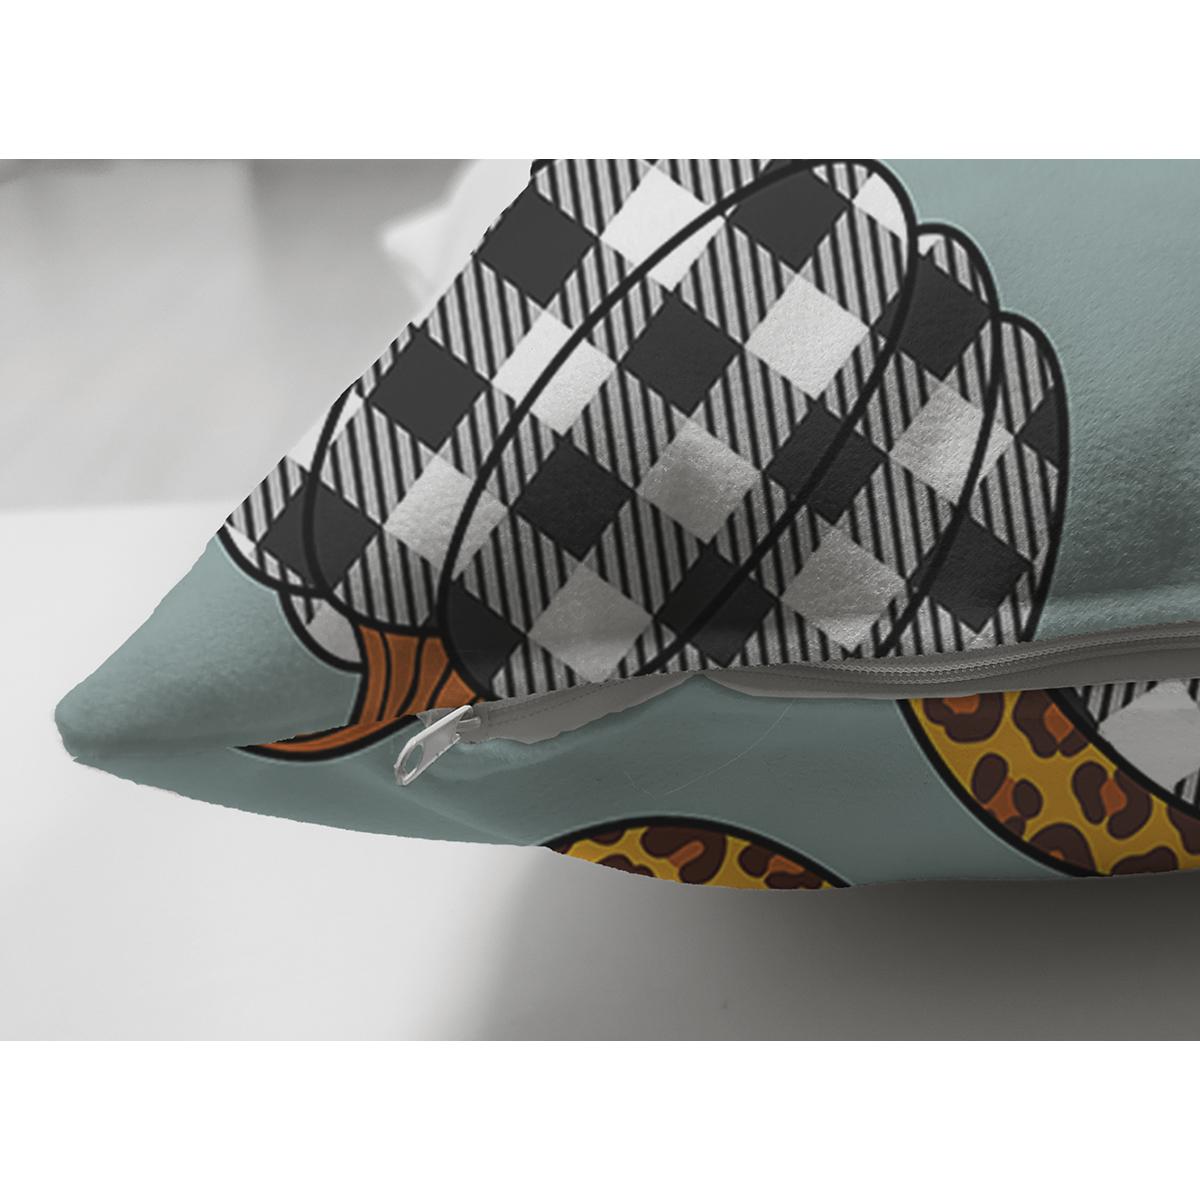 Çift Taraflı Pastel Zeminli Ekoseli Balkabağı Dijital Baskılı Modern Süet Yastık Kırlent Kılıfı Realhomes